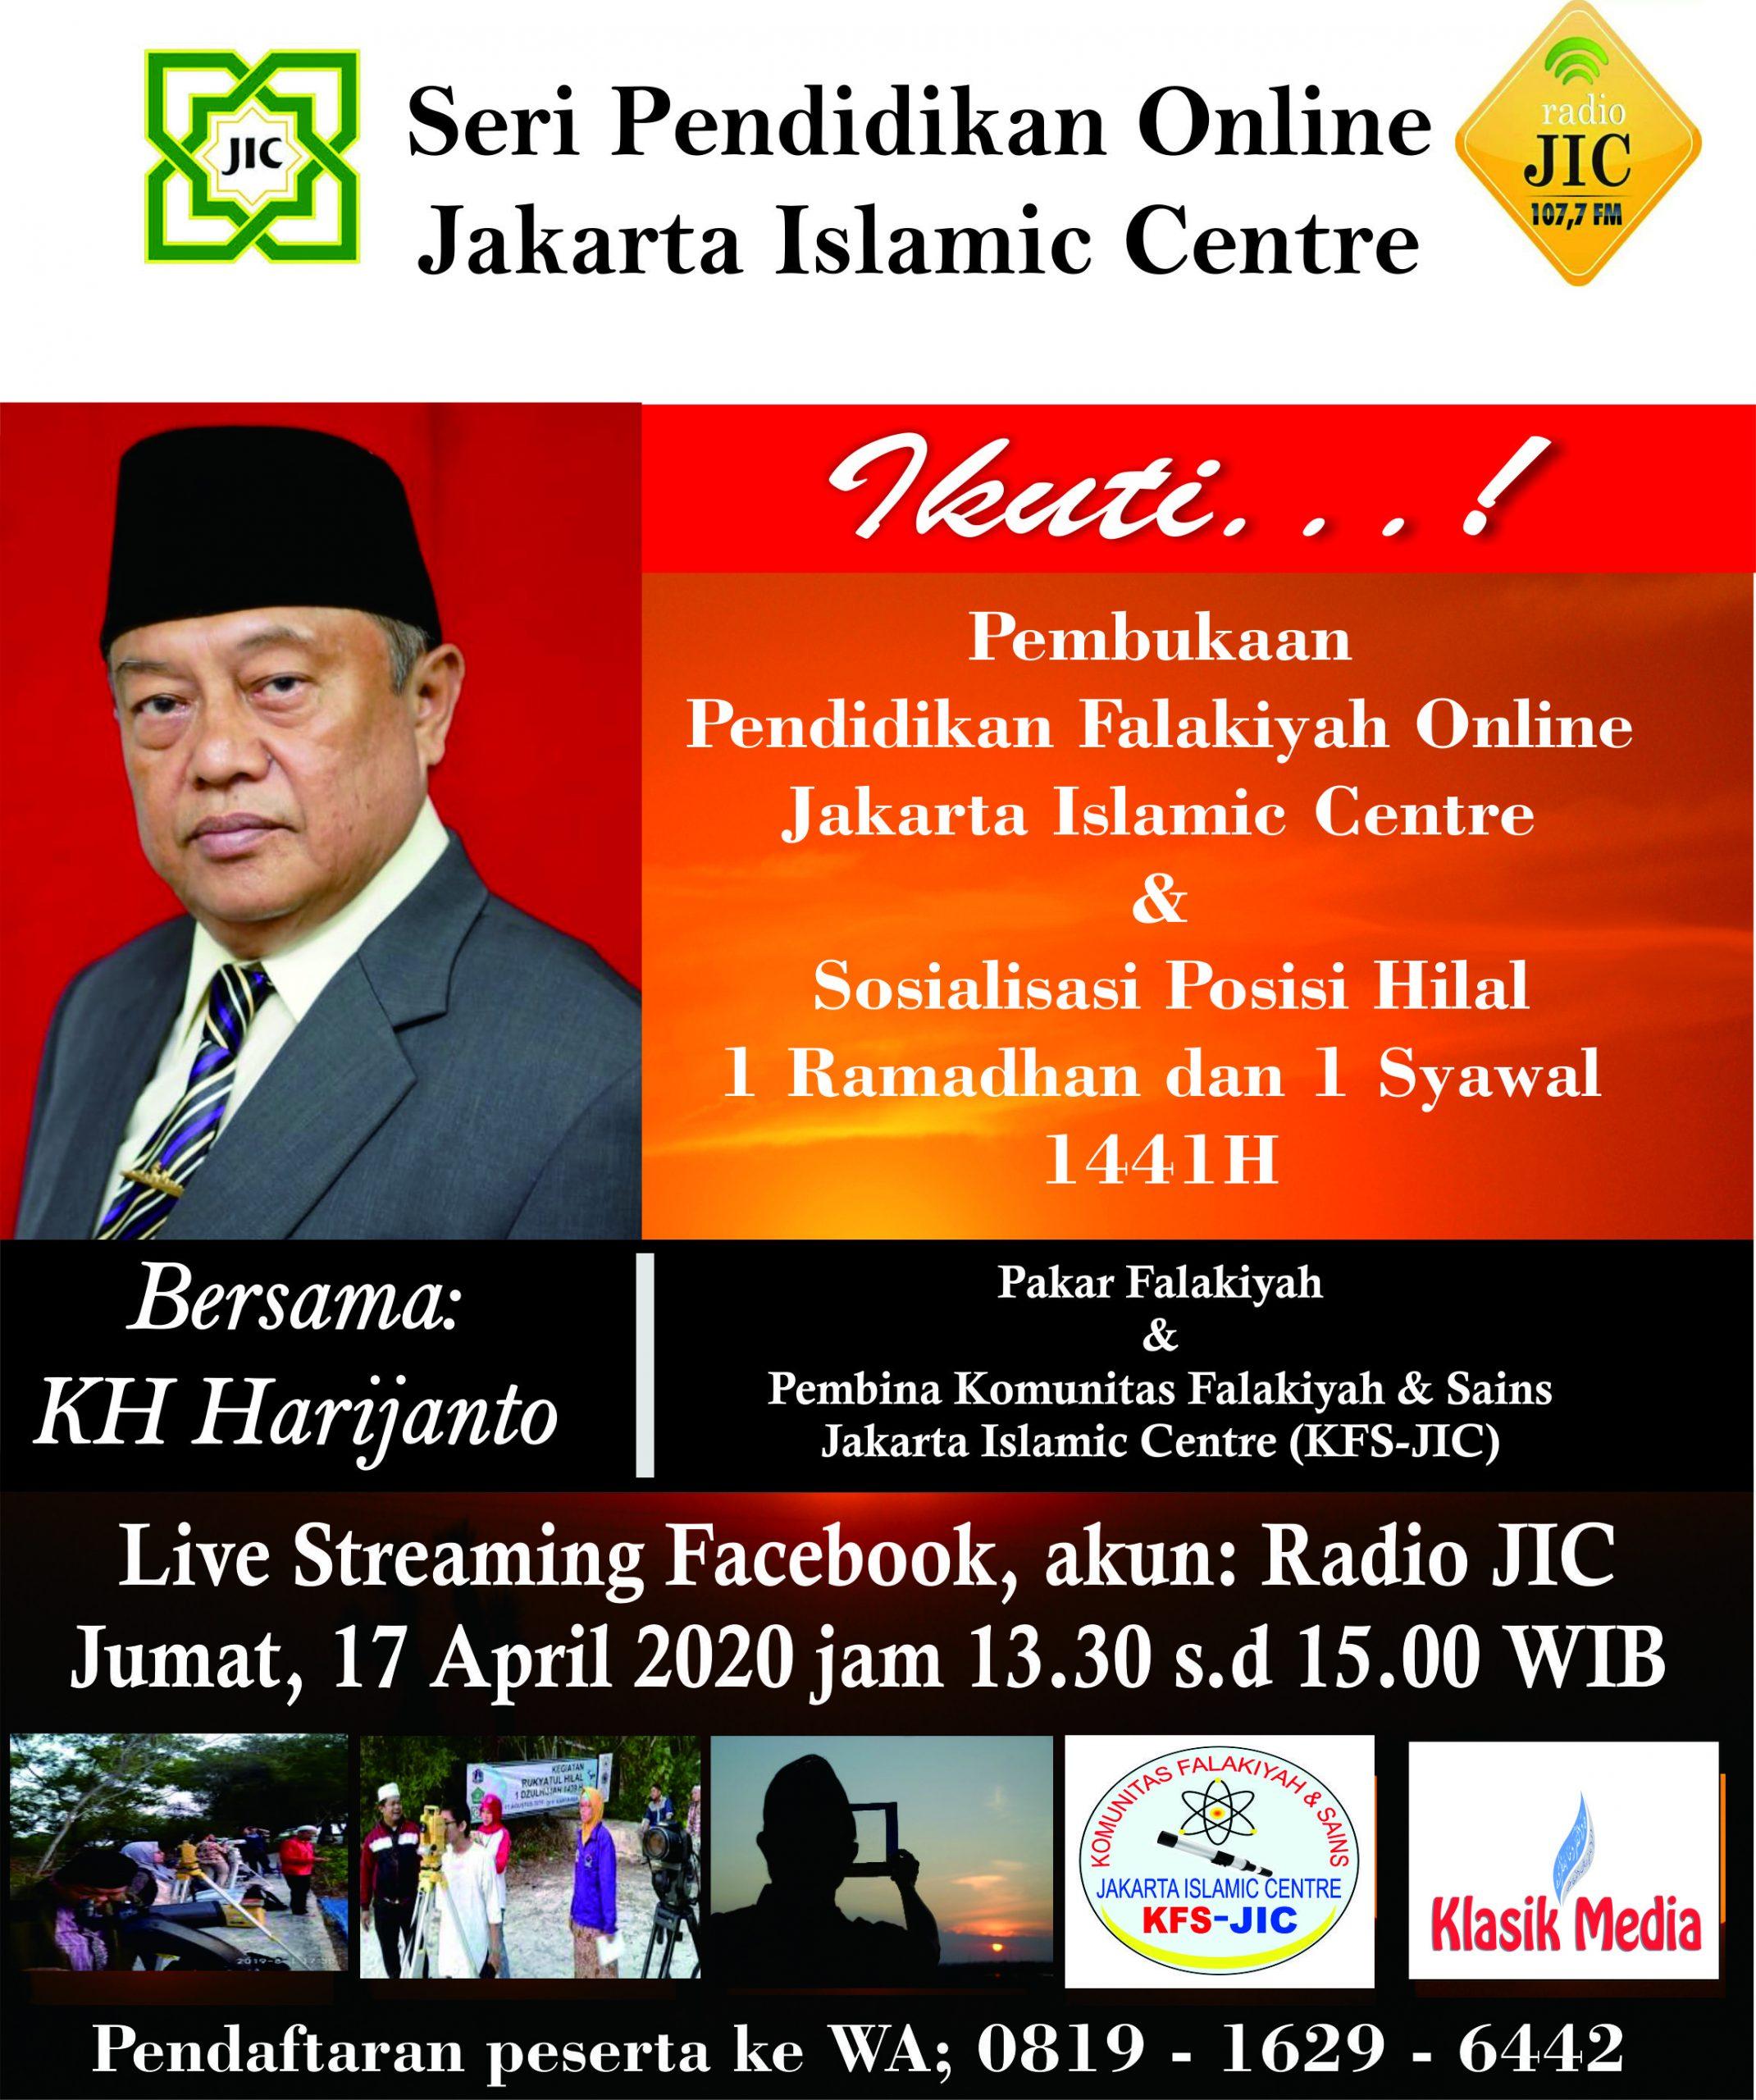 Pendidikan Falakiyah Online JIC Dimulai Besok